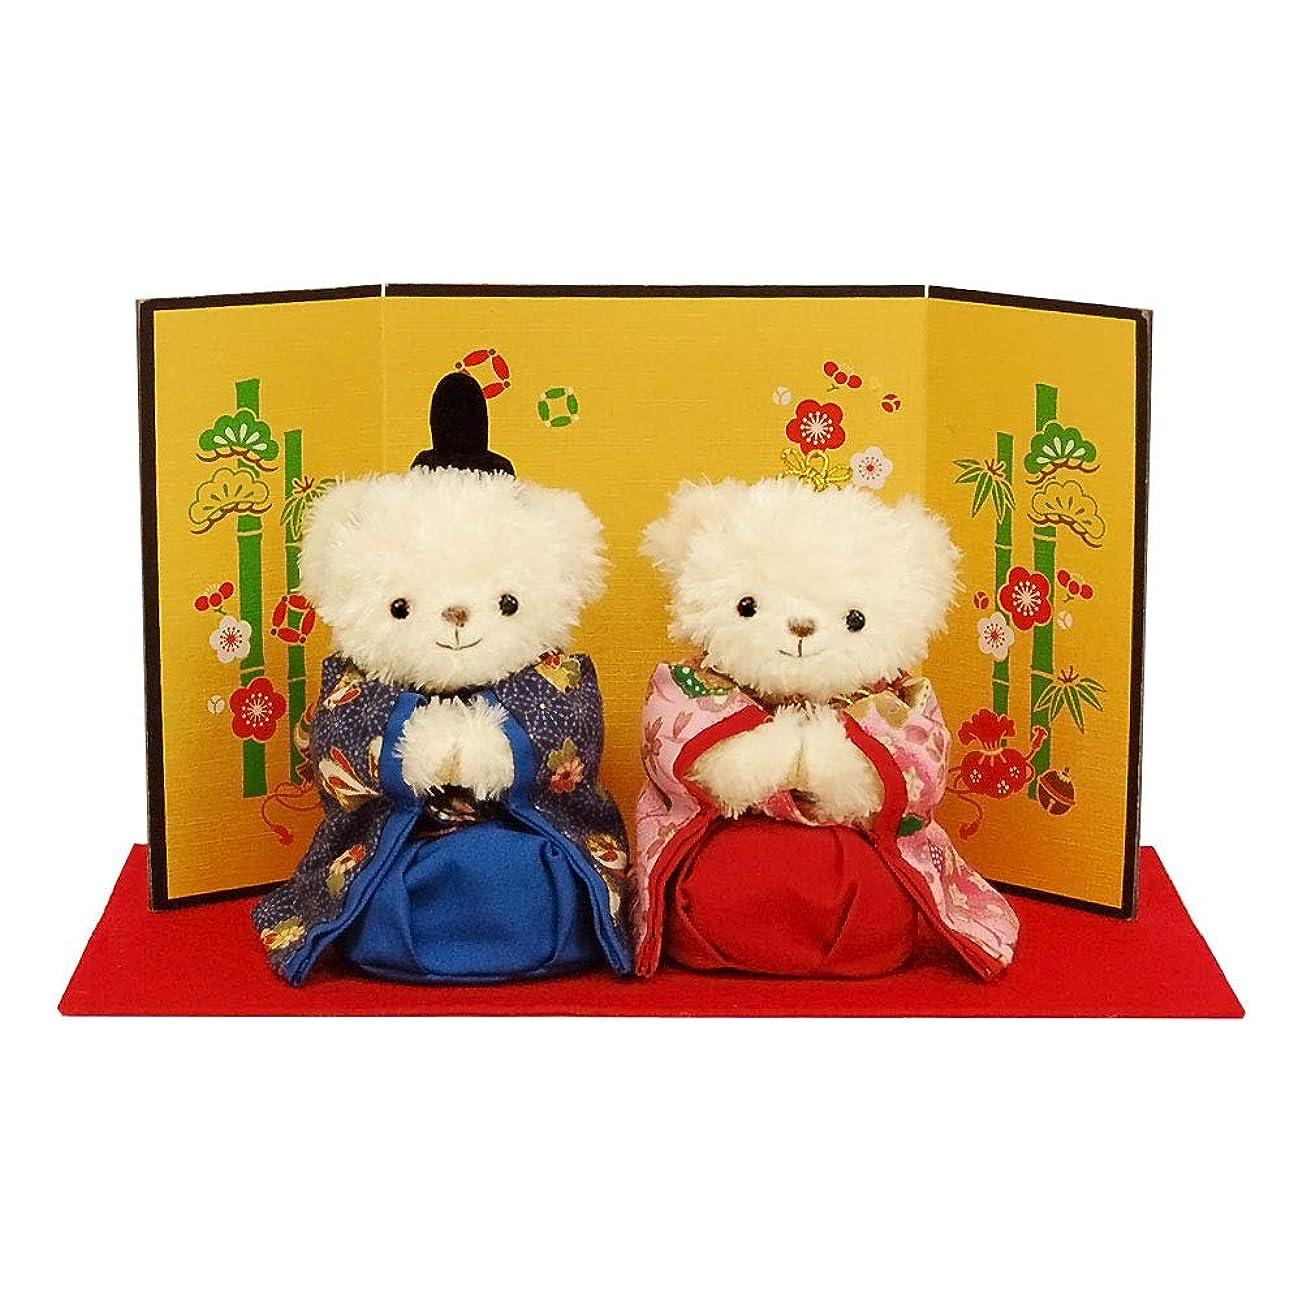 黙認するアミューズ未来雛人形 ひな人形 ちりめん 桐箱入り 扇面三段わらべ雛10人揃い 桐箱セット